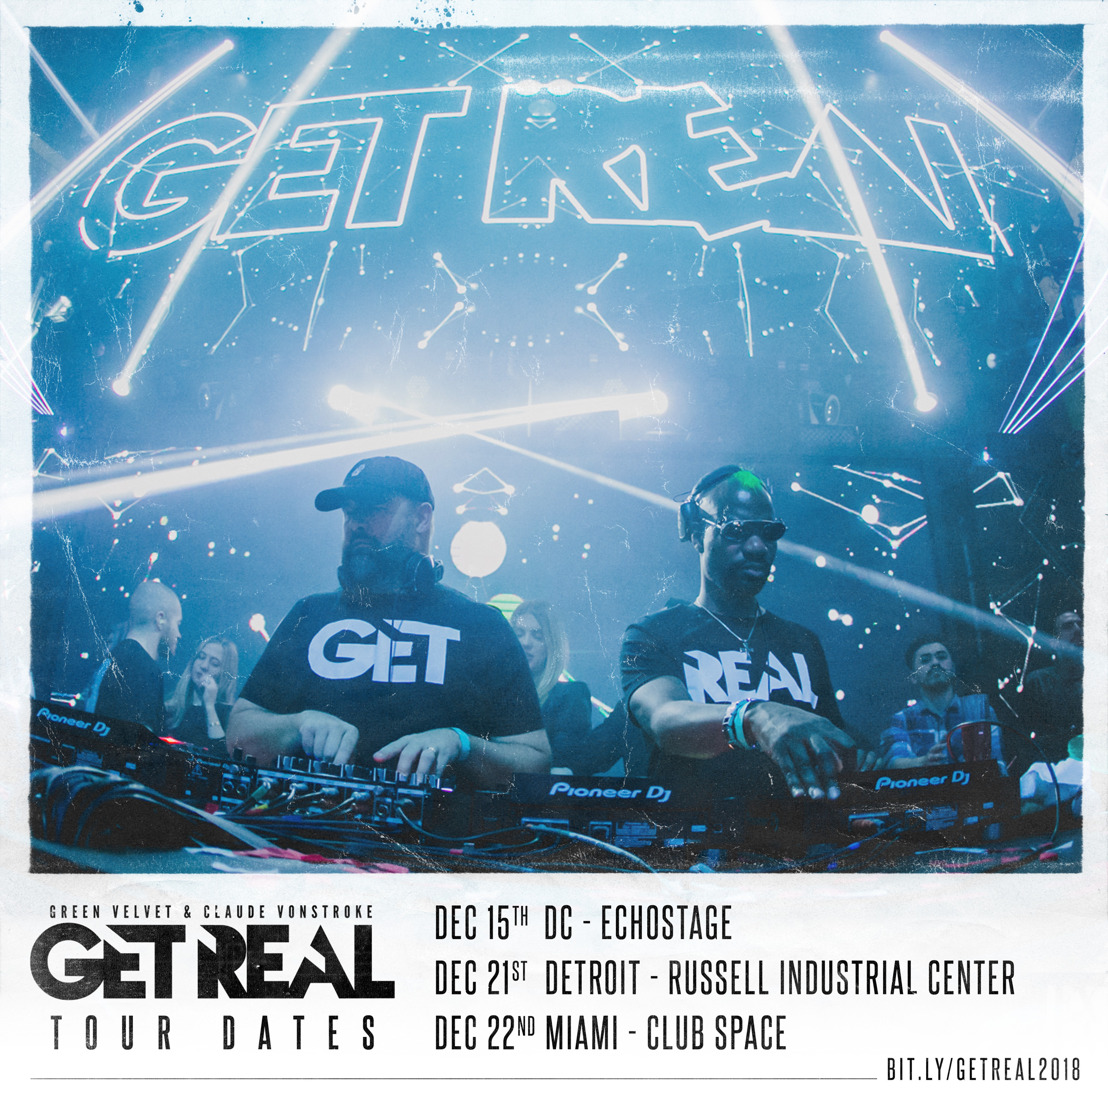 Claude VonStroke & Green Velvet Return as 'Get Real' for December Tour